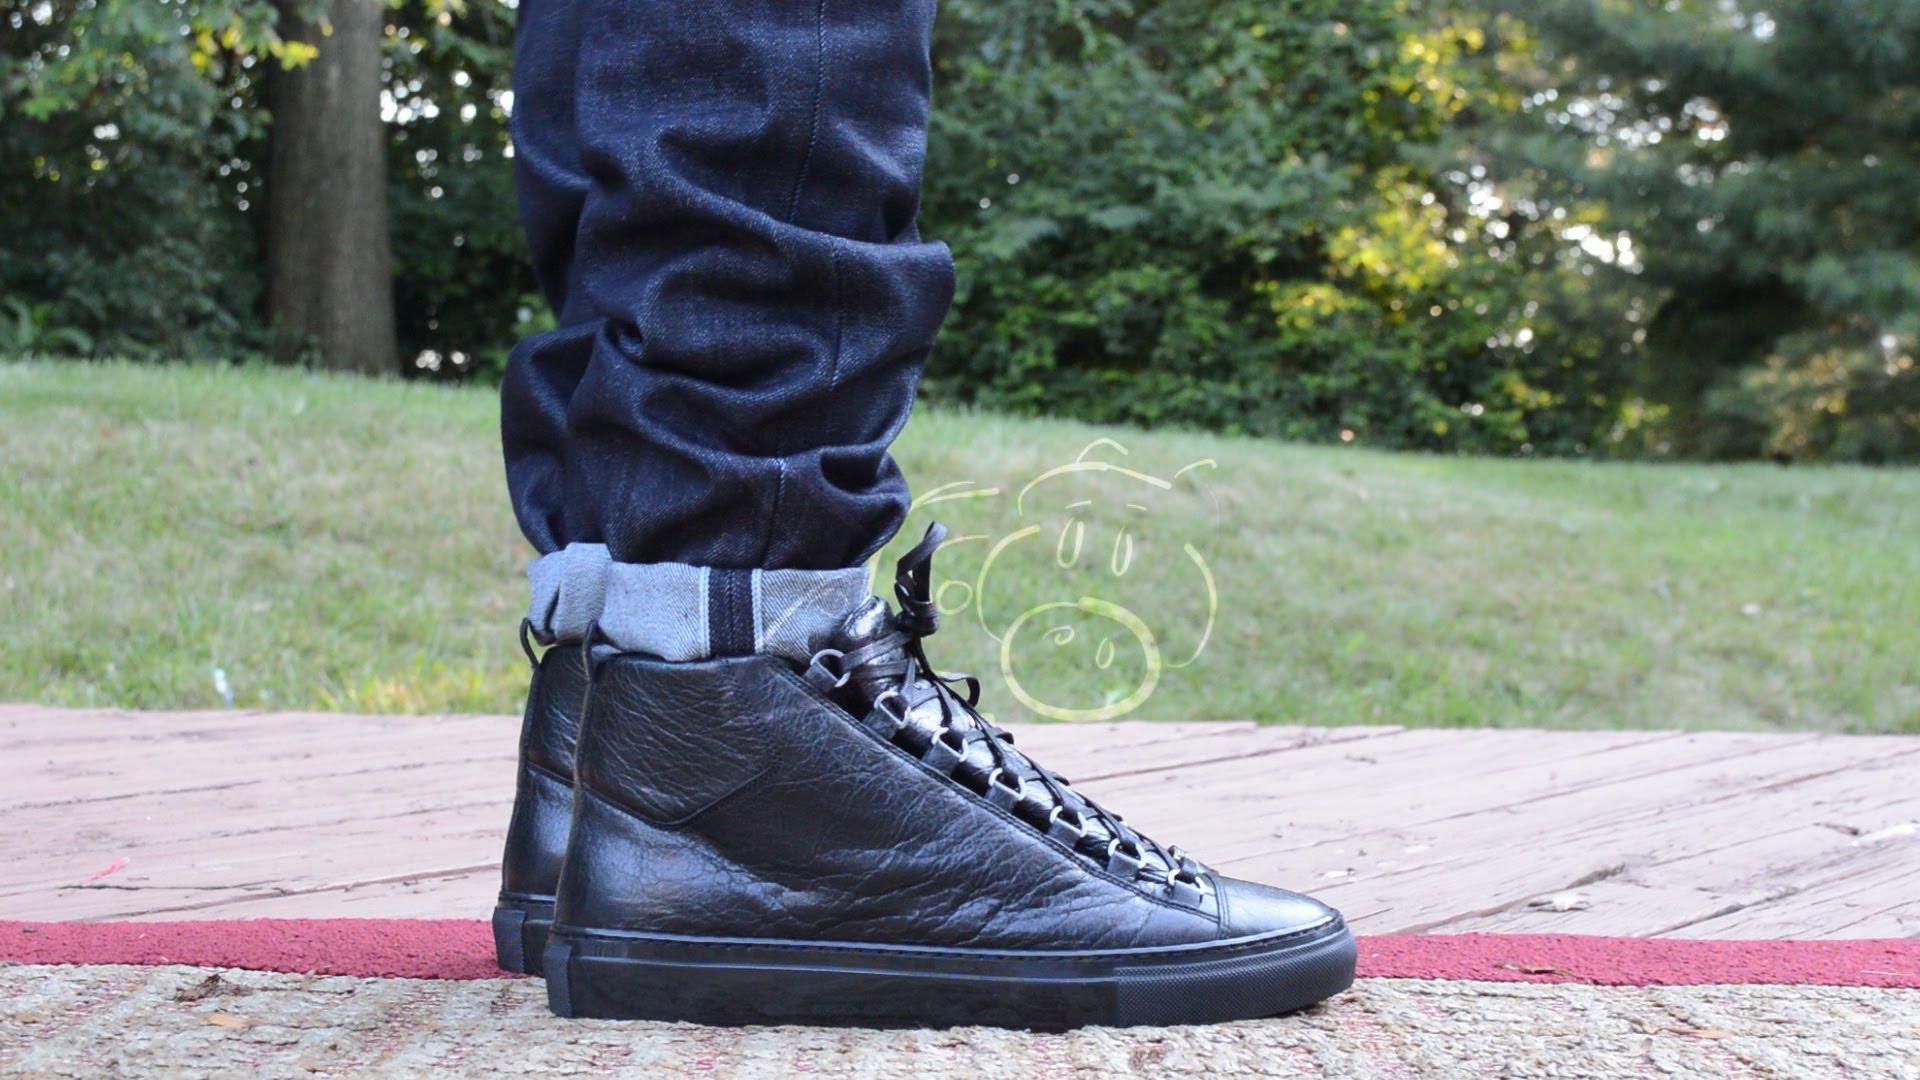 Balenciaga Arena Sneakers | Balenciagas Arena | Balenciaga Shoes Cheap